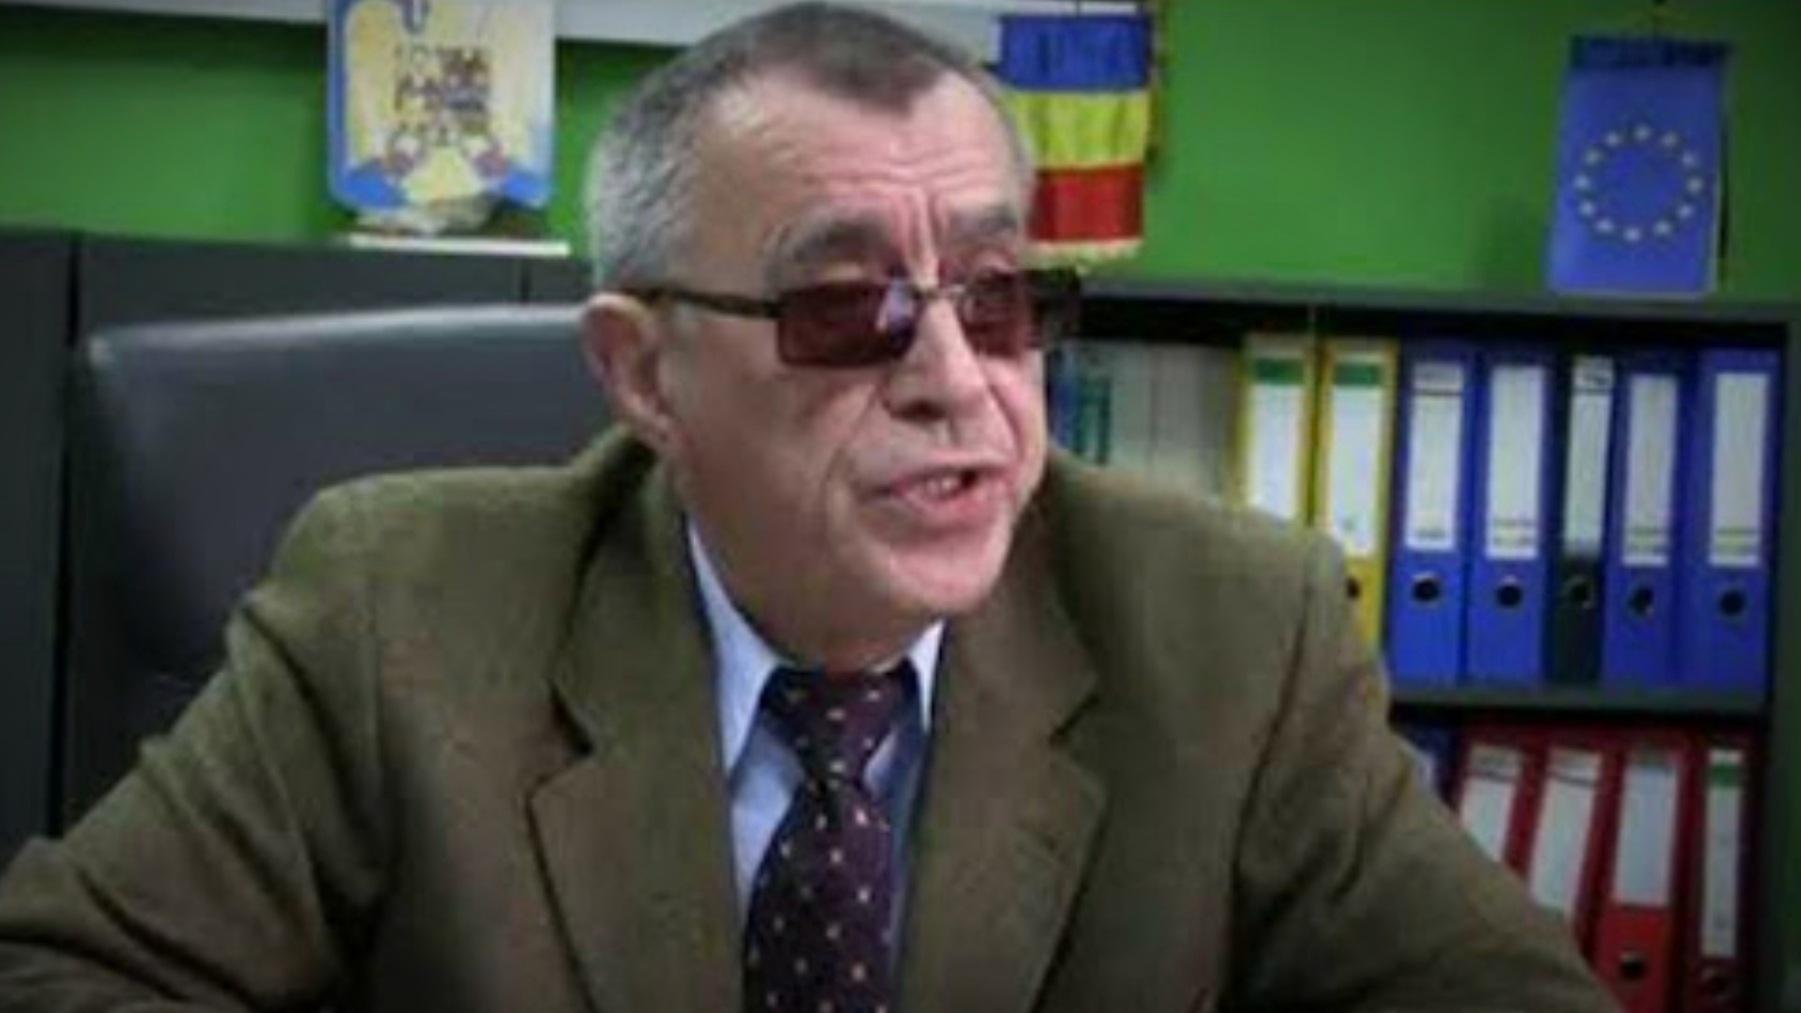 Video | Din cârciumă la birou! Interviu acordat în stare avansată de ebrietate. Ce reacție a avut ministerul de care aparține